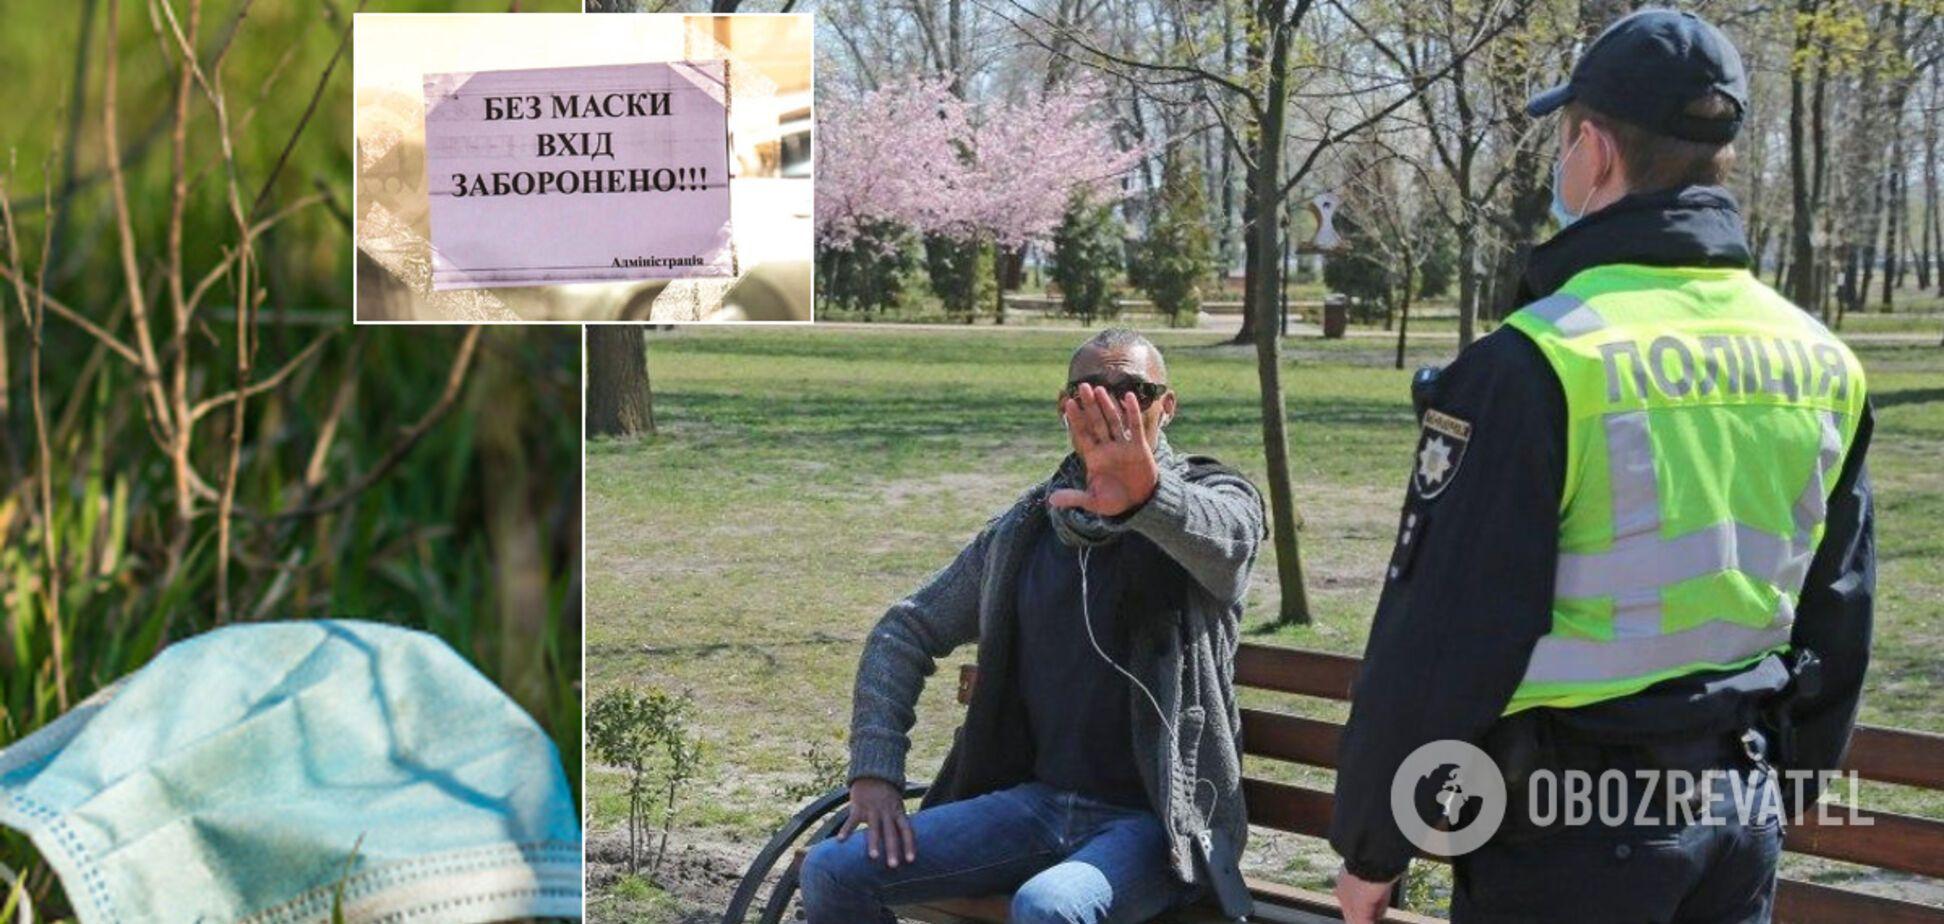 В Украине хотят повысить штрафы за неношение масок: Кабмин дал согласие